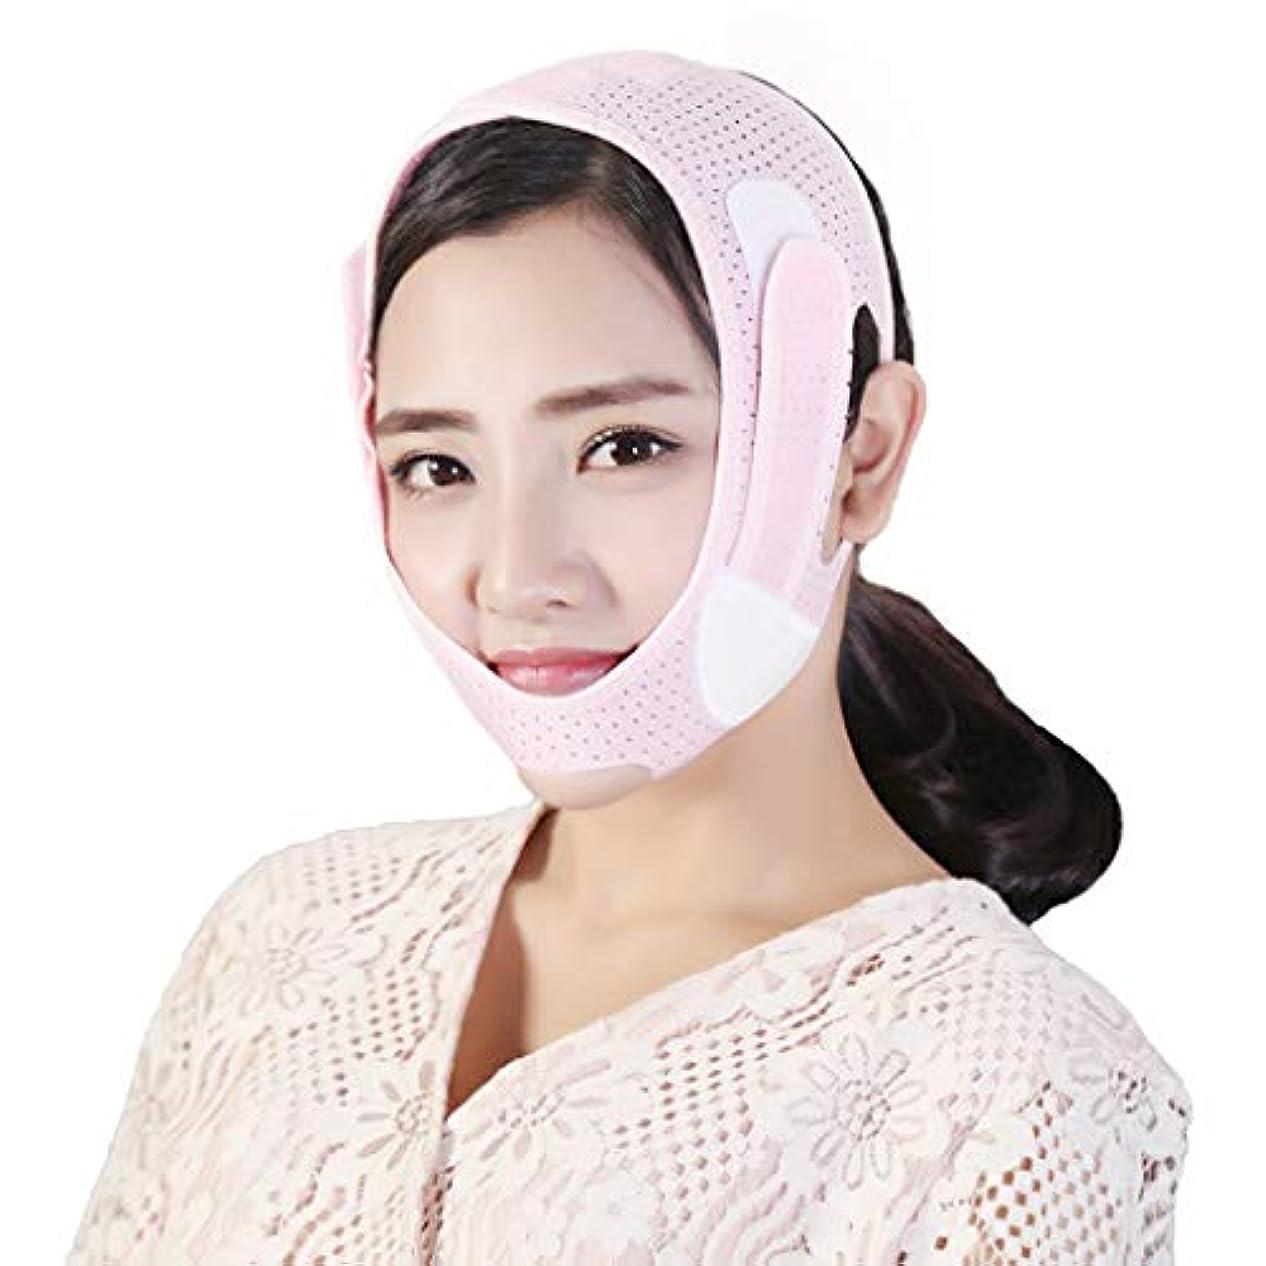 繁殖ランチョン目に見える減量マスク薄い顔のマスクV顔の薄い顔の咬筋ダブル顎の包帯睡眠マスクの通気性